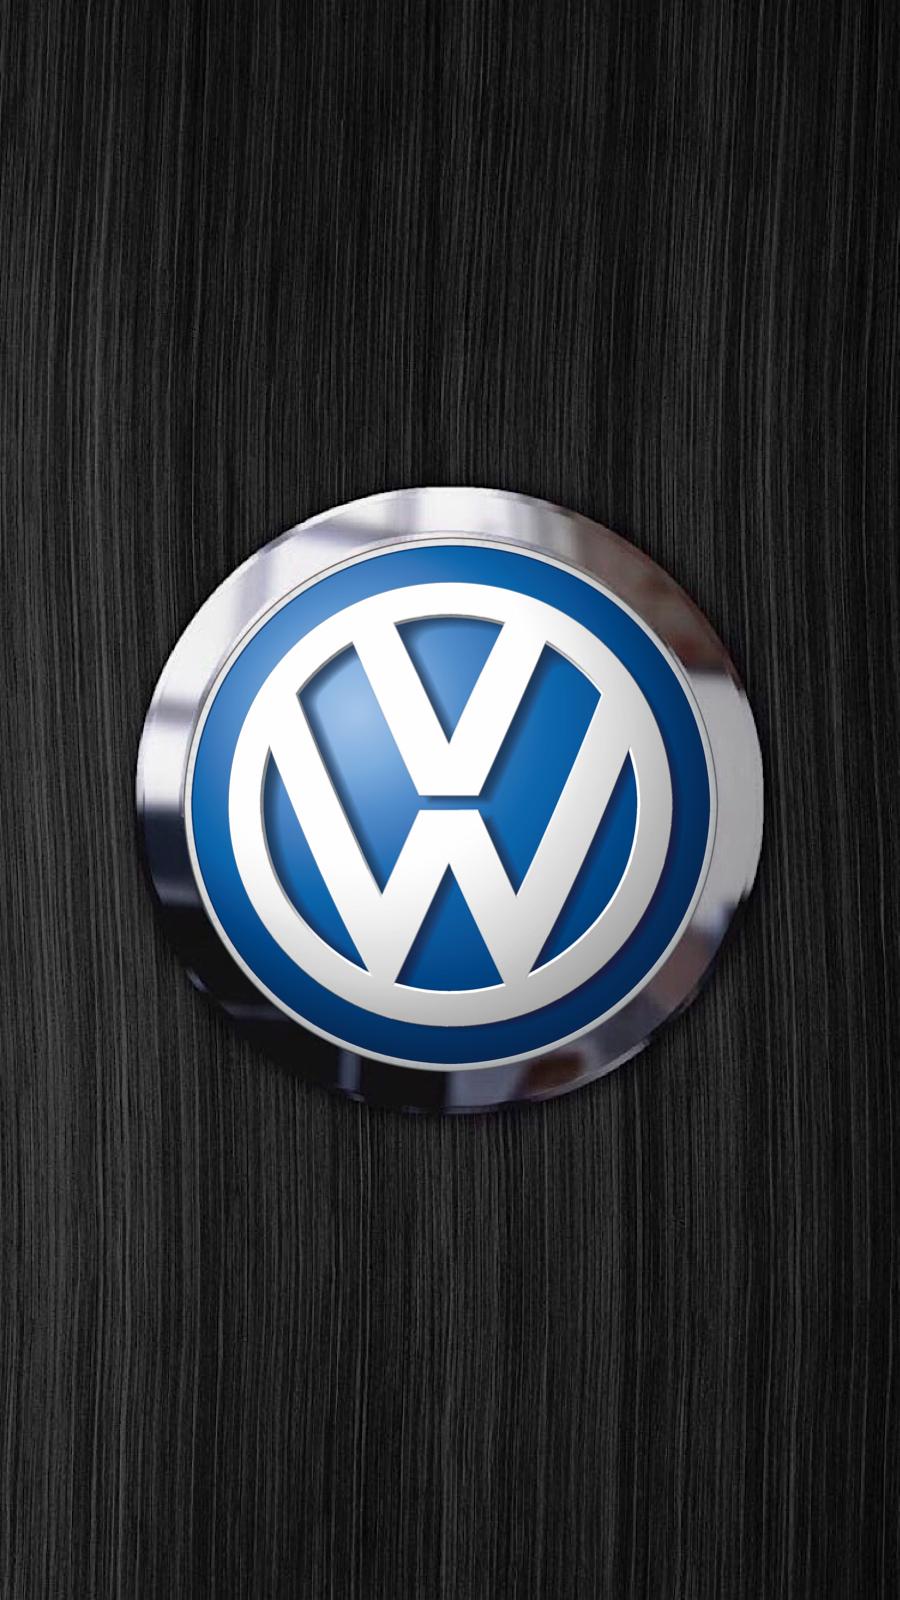 Pin De Kennyderra En Vintage Car En 2020 Fondos De Pantalla De Coches Logos De Marcas Iphone Fondos De Pantalla